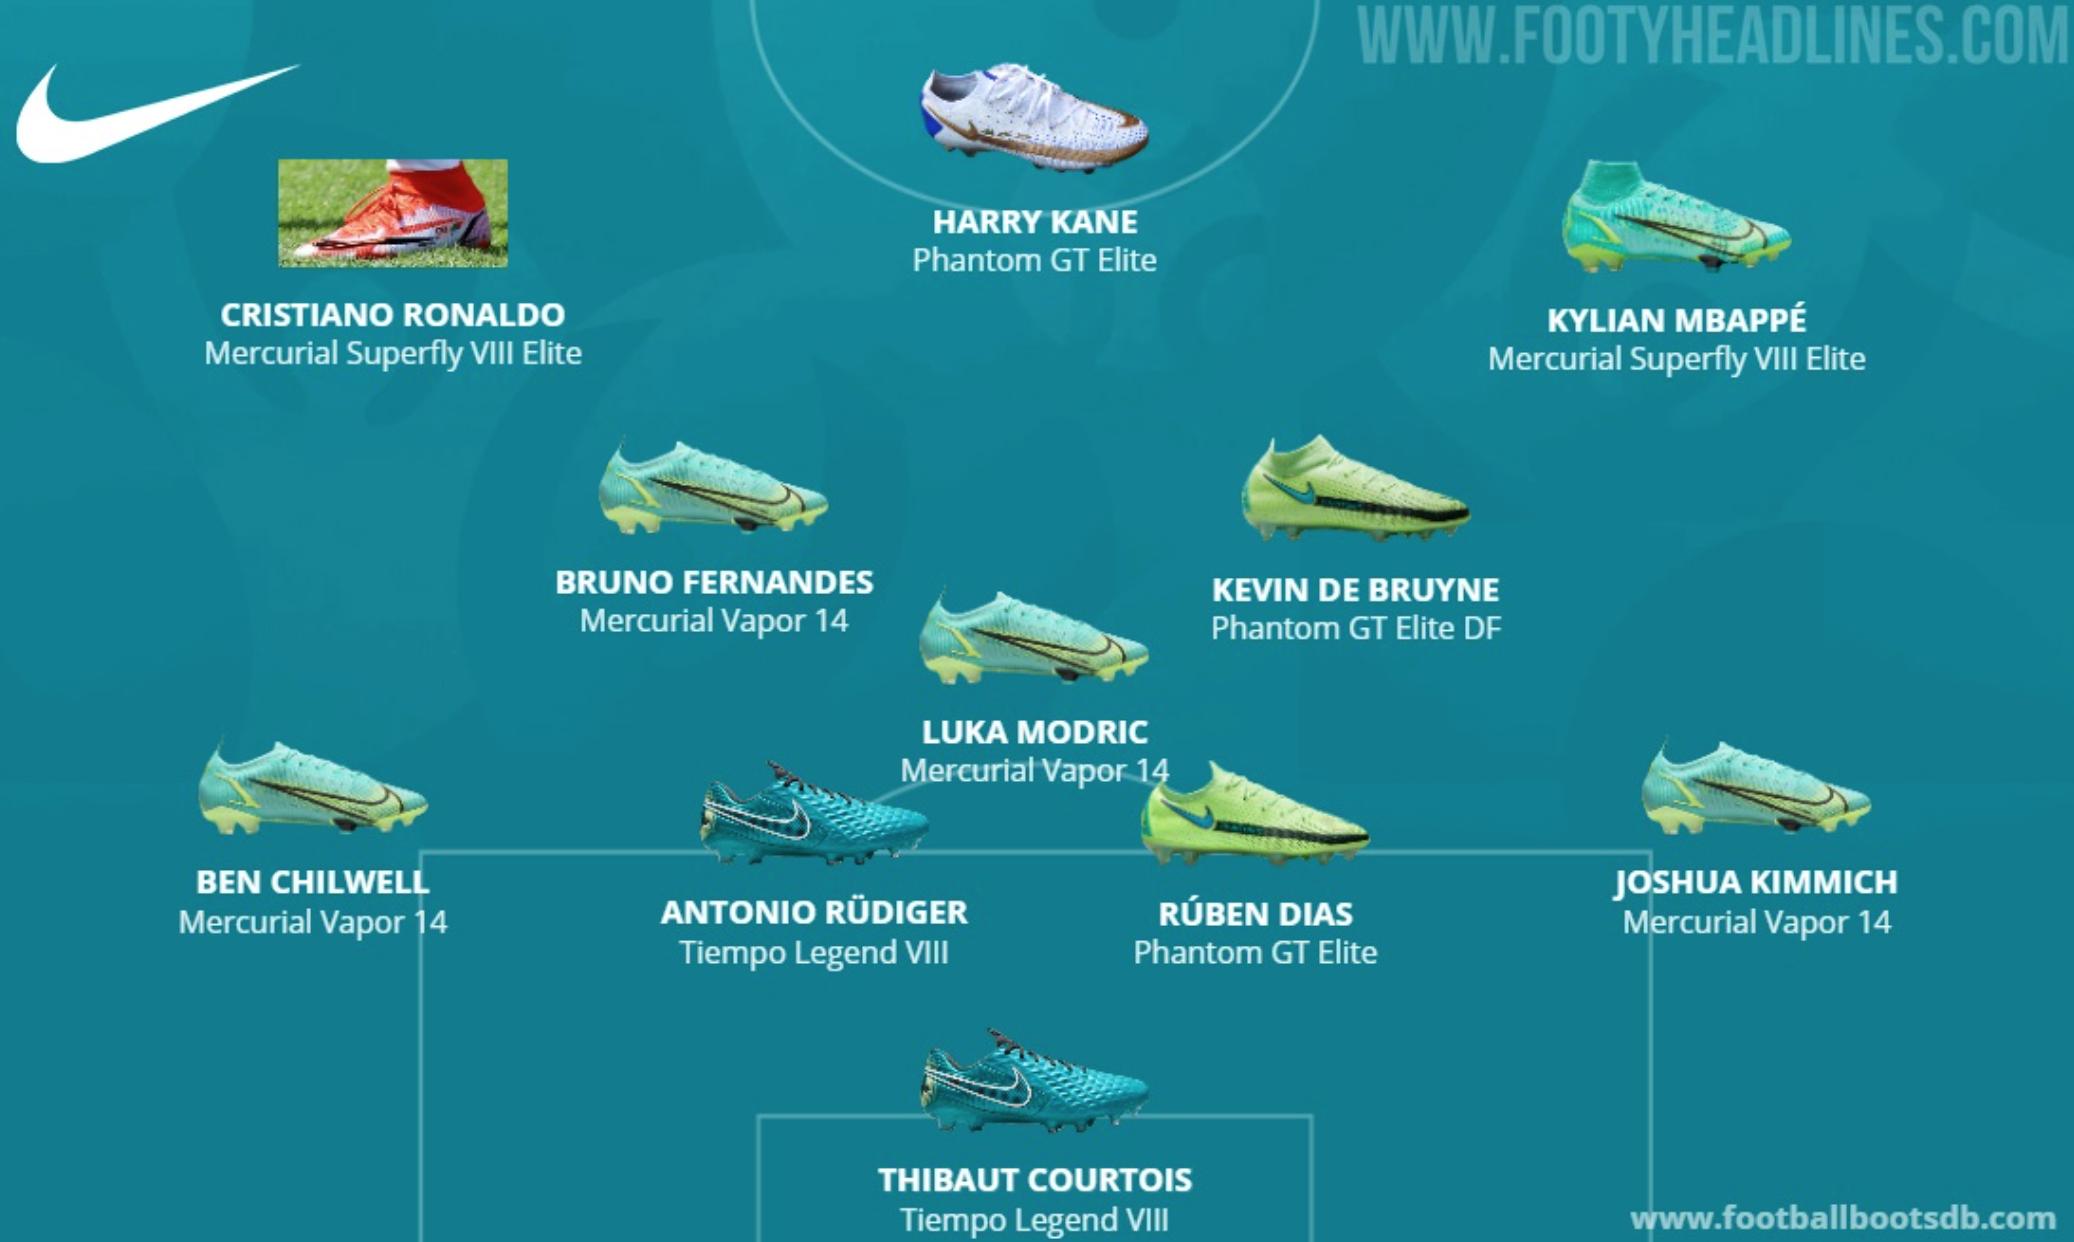 Đây là danh sách những cầu thủ mang những thiết kế giày đá bóng của Nike khi thi đấu tại EURO 2020